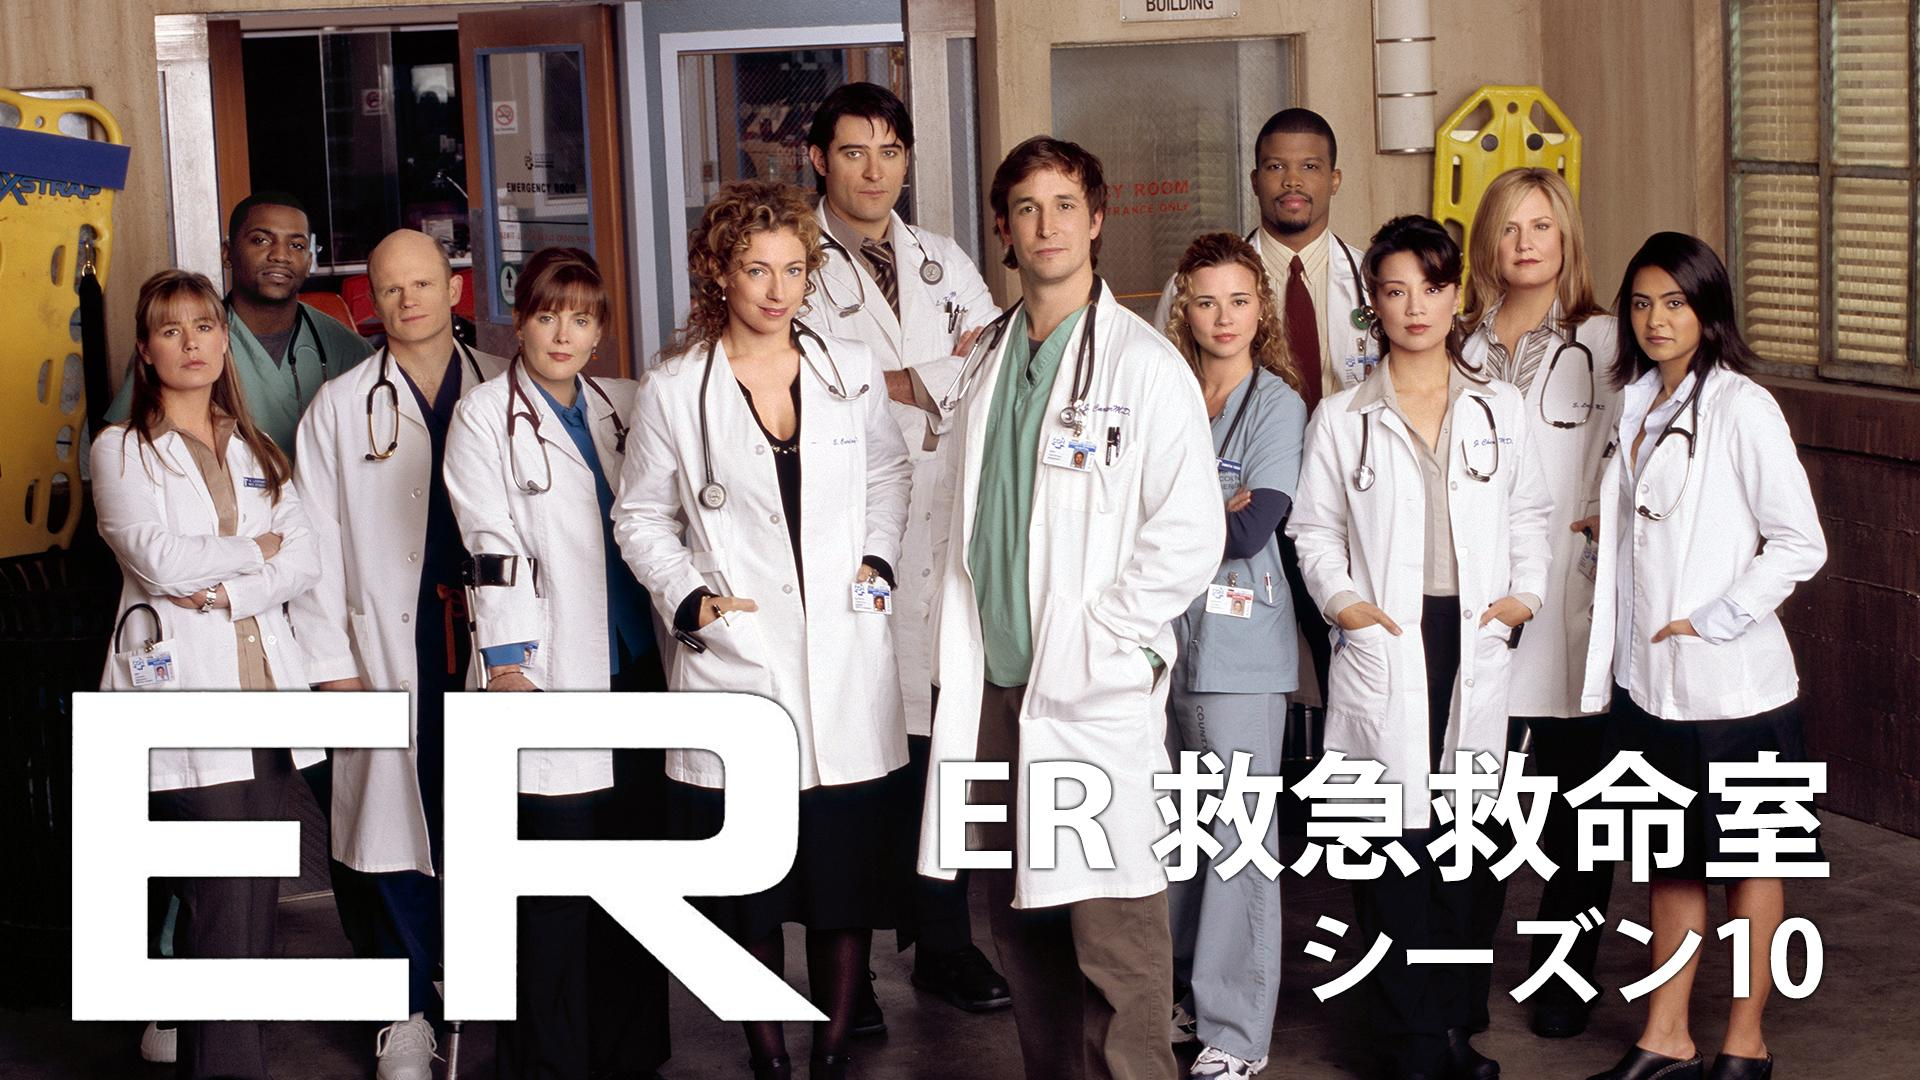 ER 緊急救命室 シーズン10